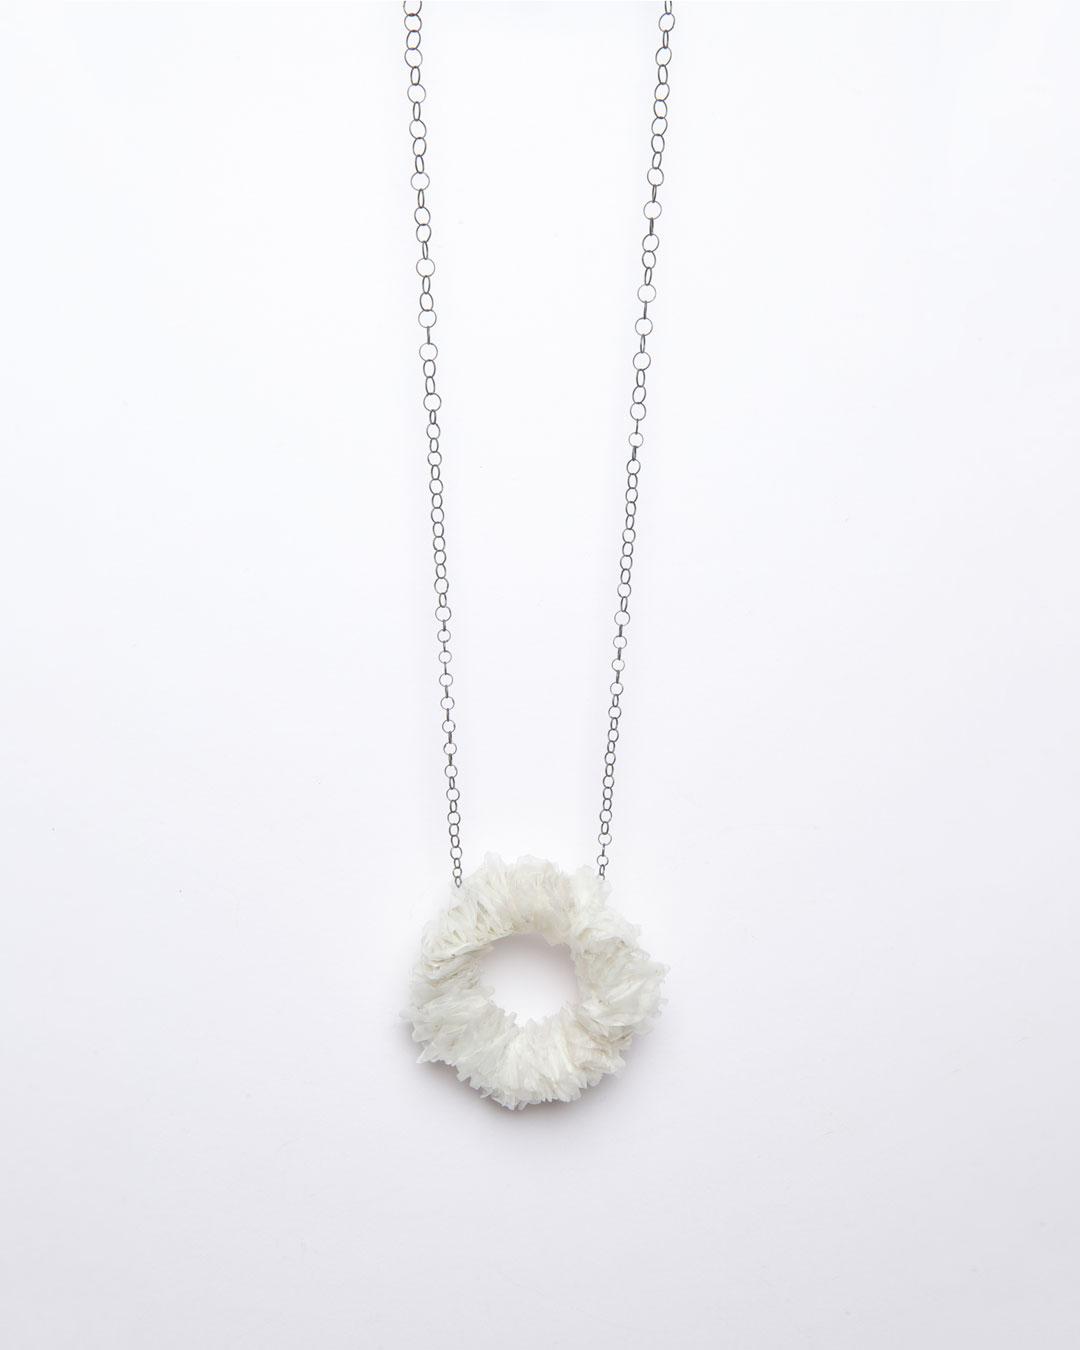 Annamaria Leiste, Die Einheit, 2015, necklace; silver, fish scales, 290 x 60 x 20 mm, €850